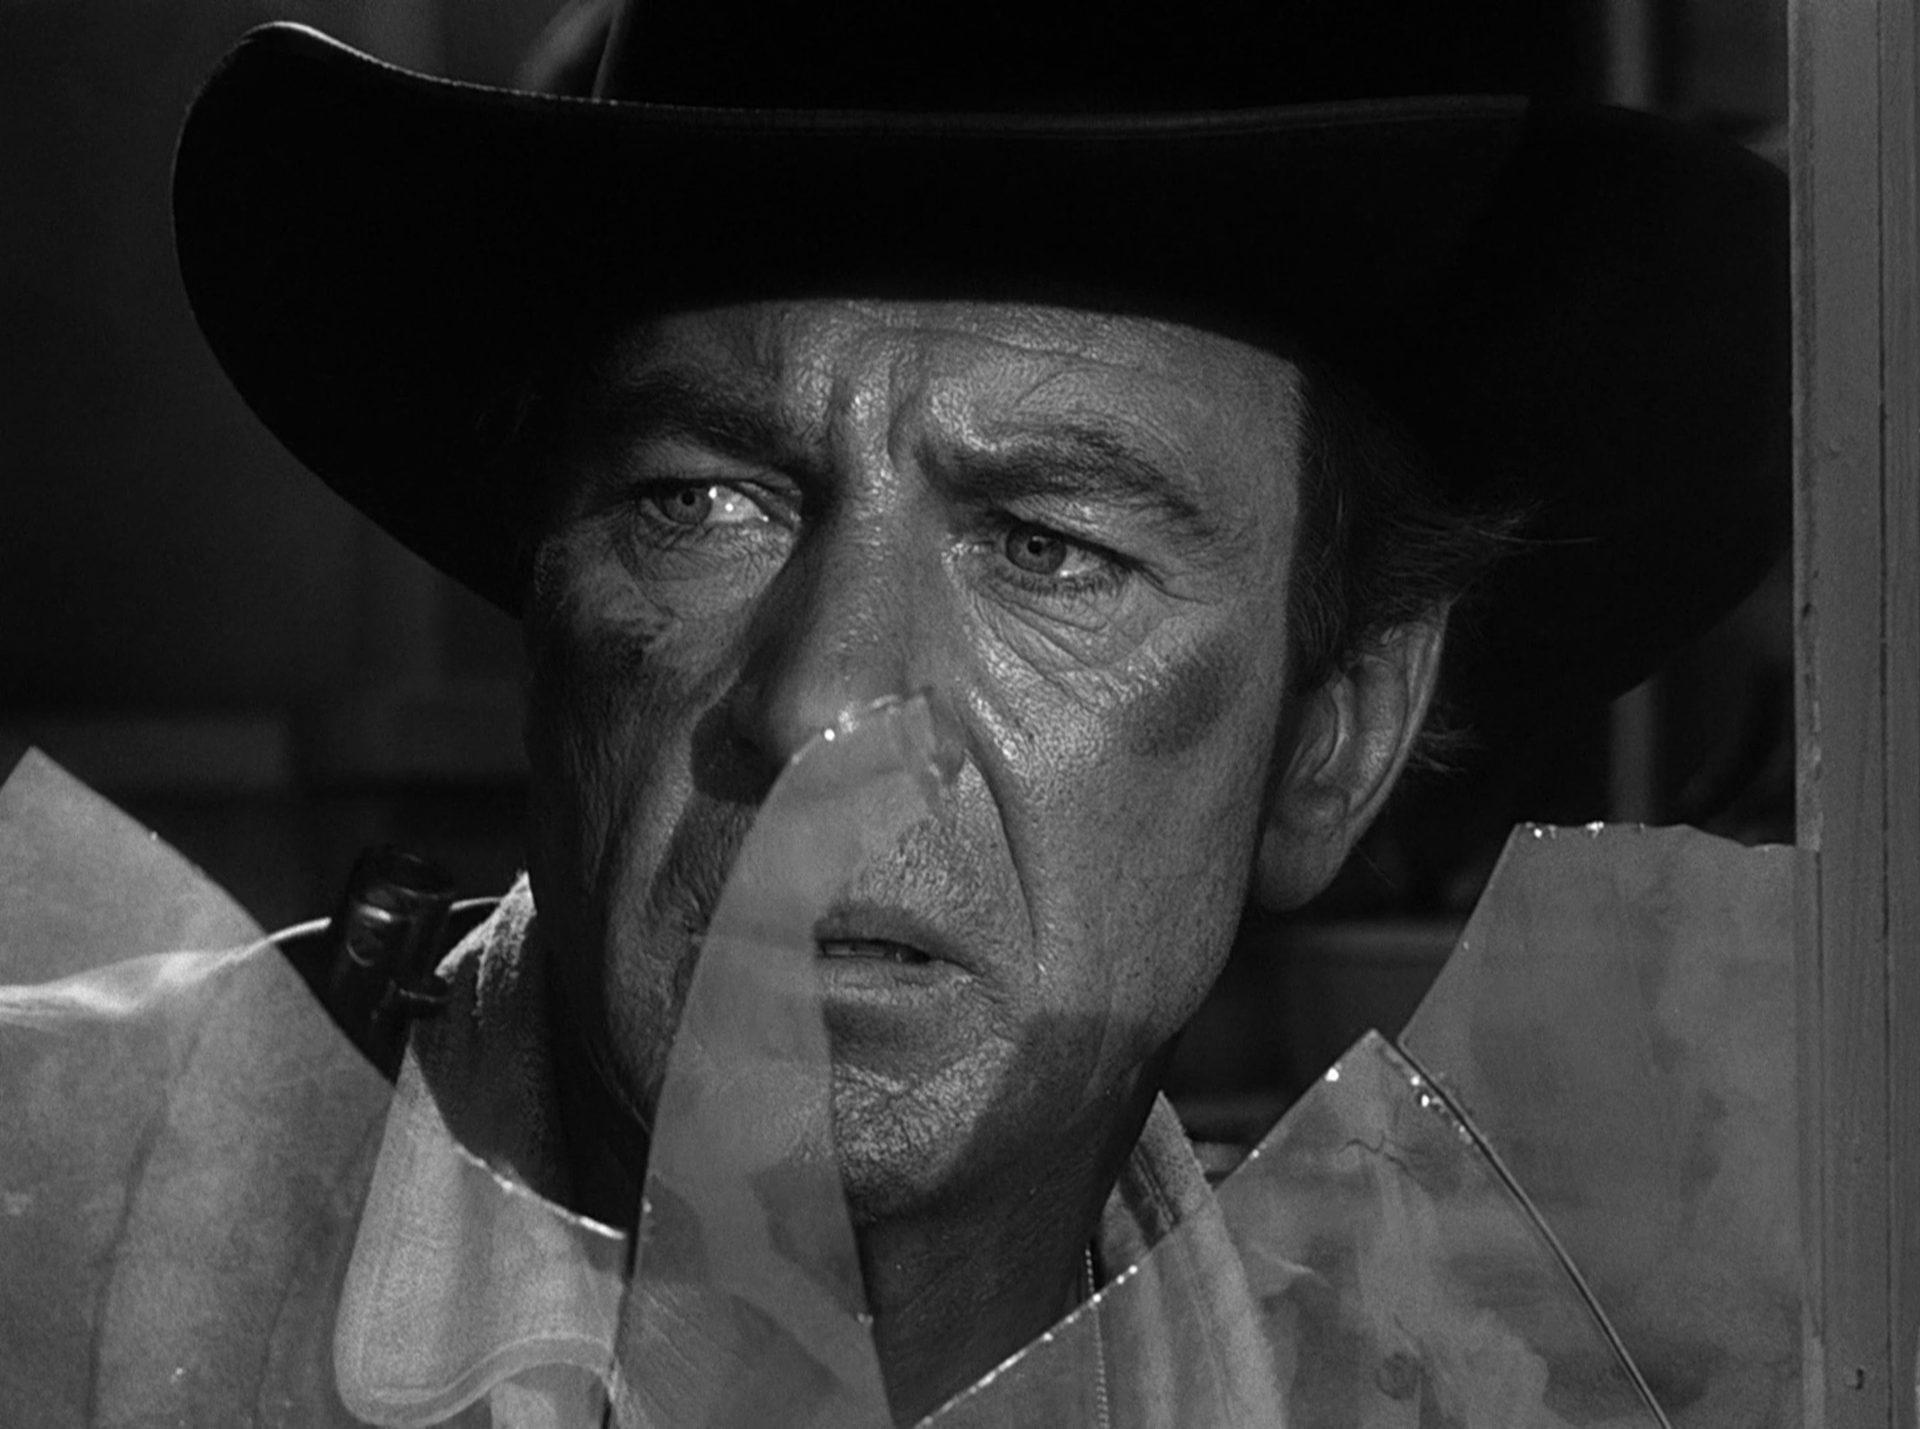 Nahaufnahme von Gary Cooper als Marshal Will Kane mit erschrocken-skeptischem Gesicht hinter einer zersplitterten Fensterscheibe.